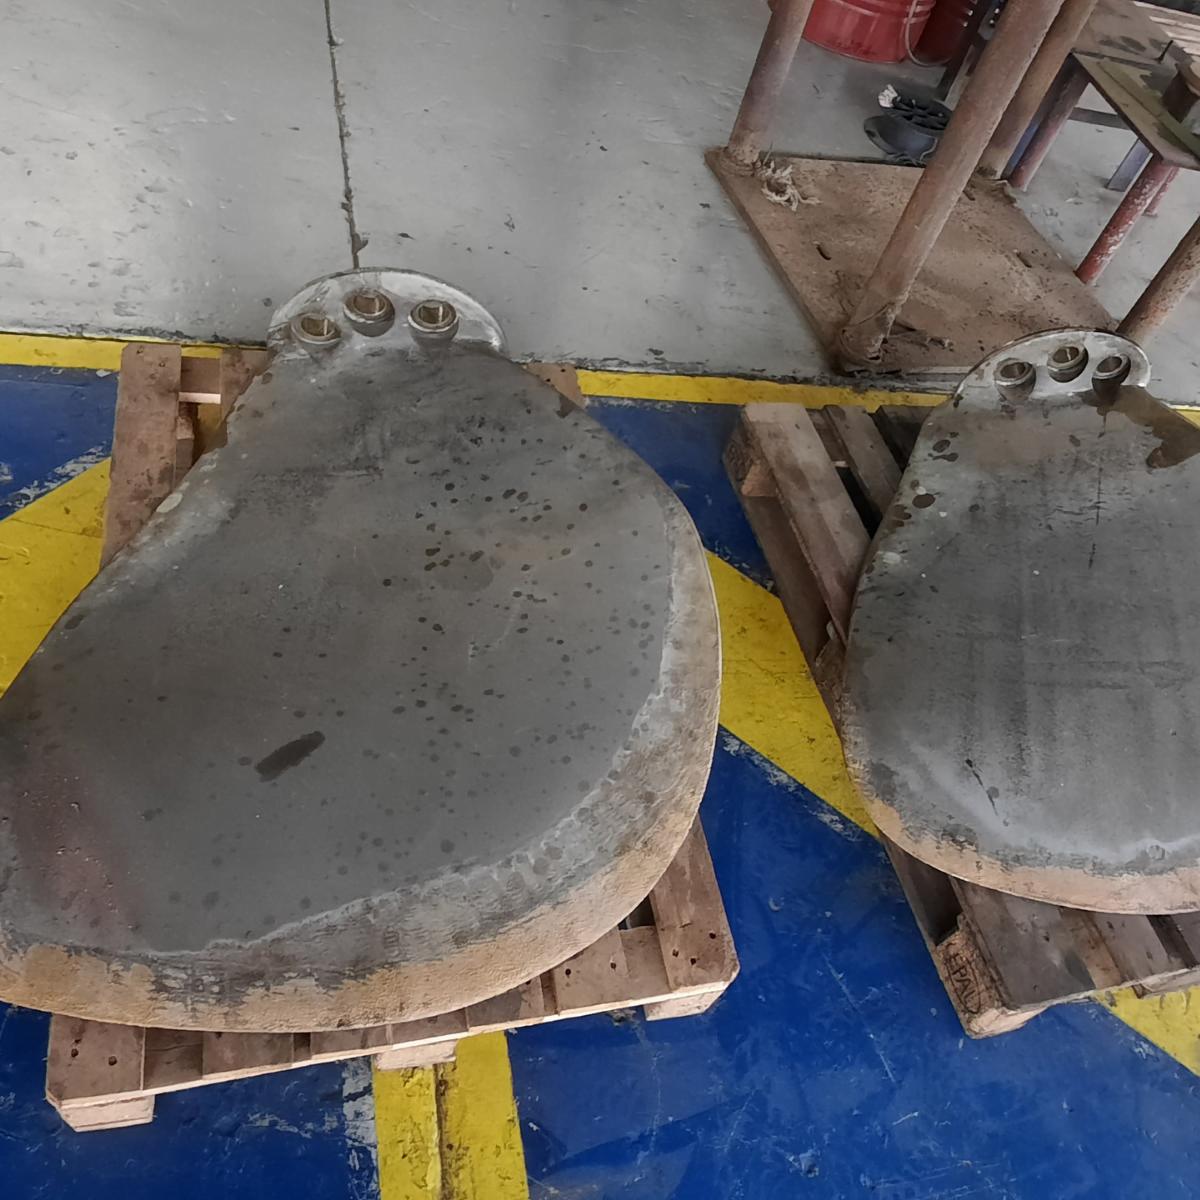 African Propeller Repair